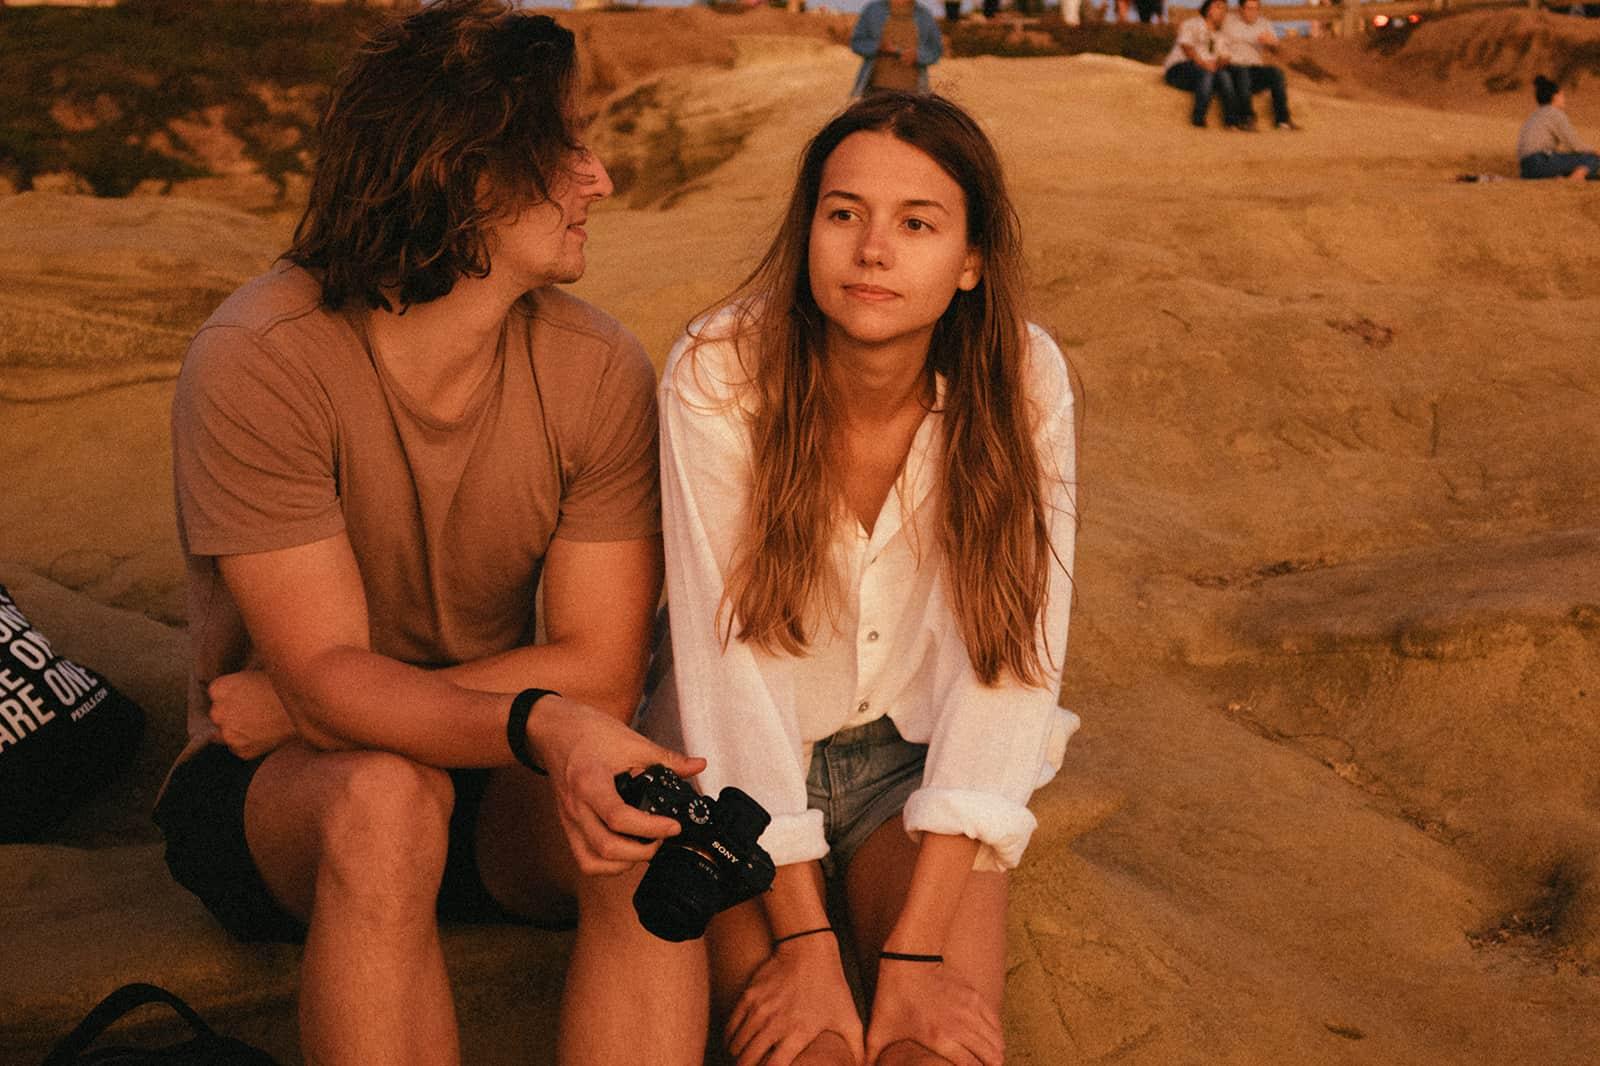 Eine ruhige Frau sitzt auf dem Felsen neben einem Mann, der sie ansieht